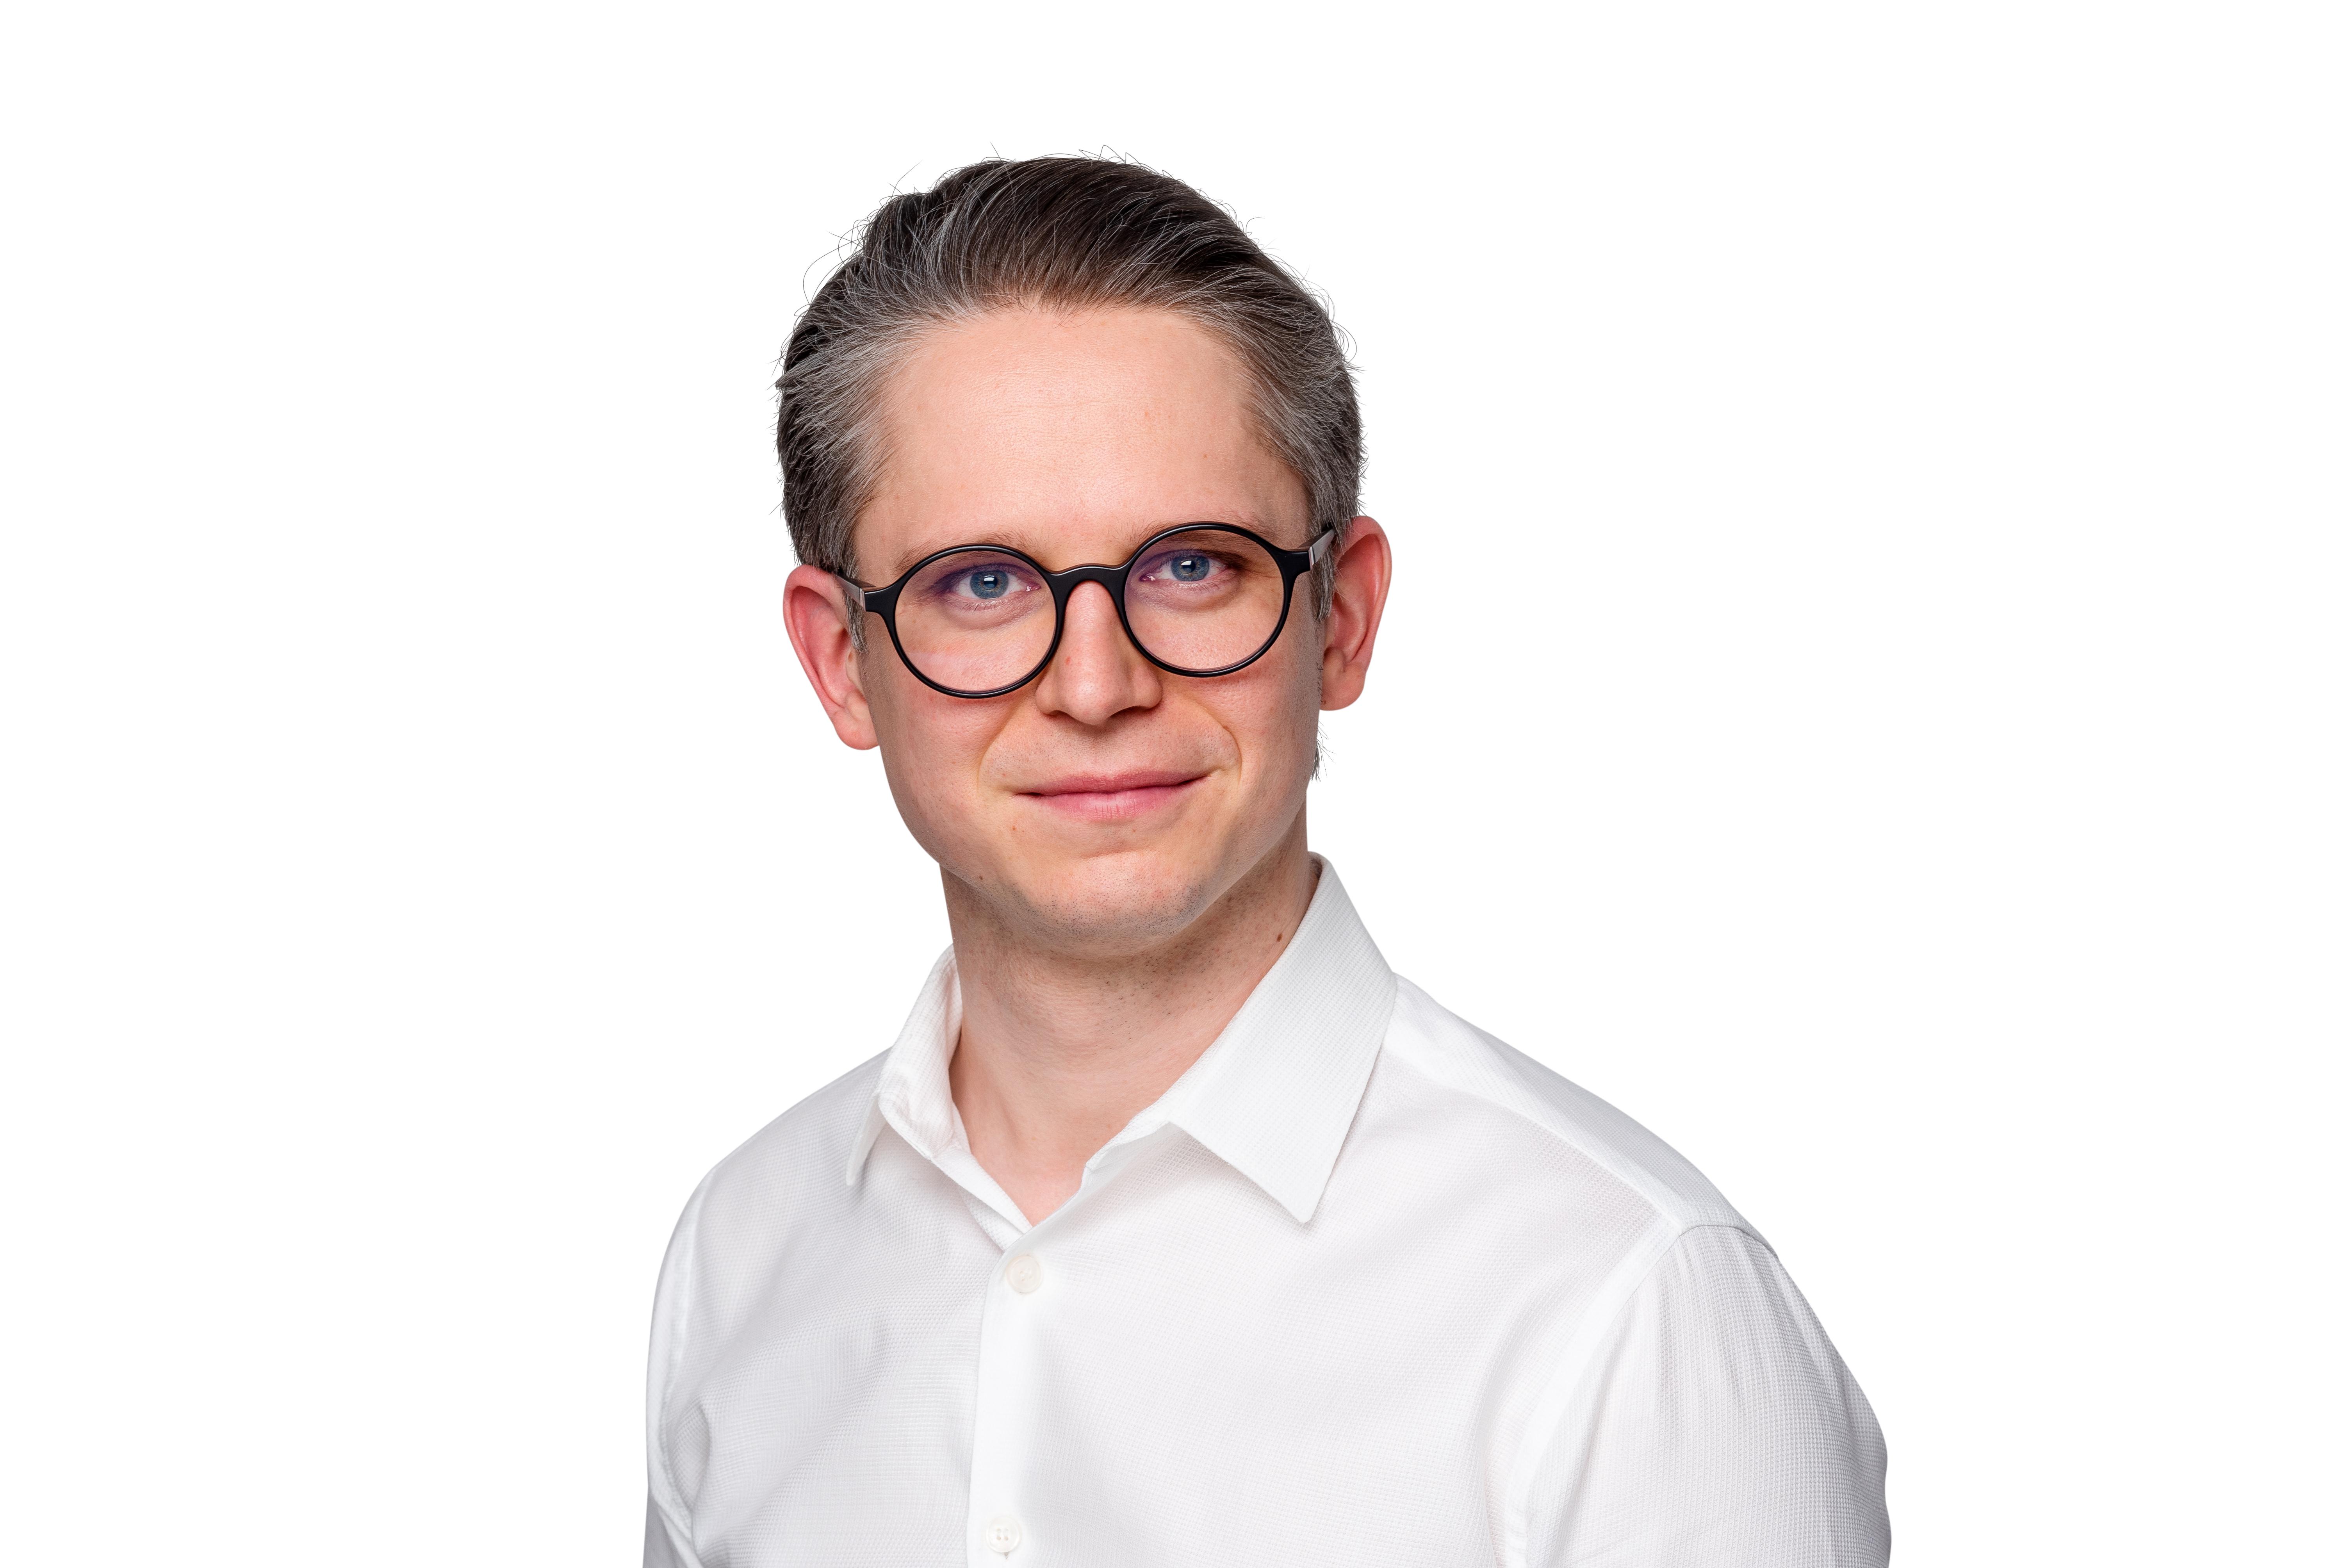 6e9e893427e 7 Questions with Jens Siebert